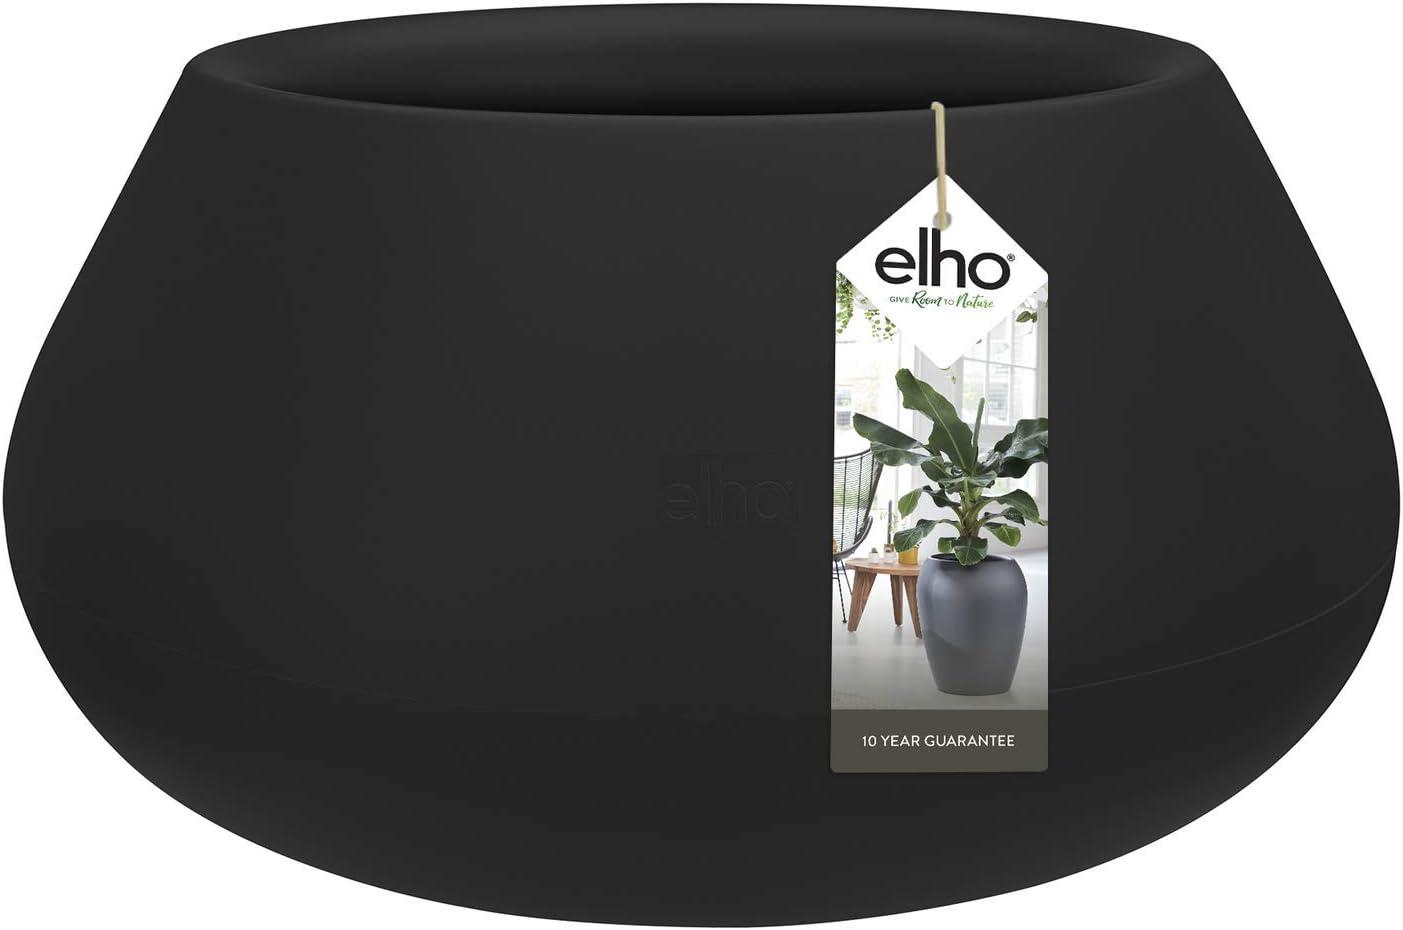 Elho Pure Cone Bowl 60 Noir Int/érieur /& Ext/érieur Pot De Fleurs /Ø 58 x H 29.8 cm